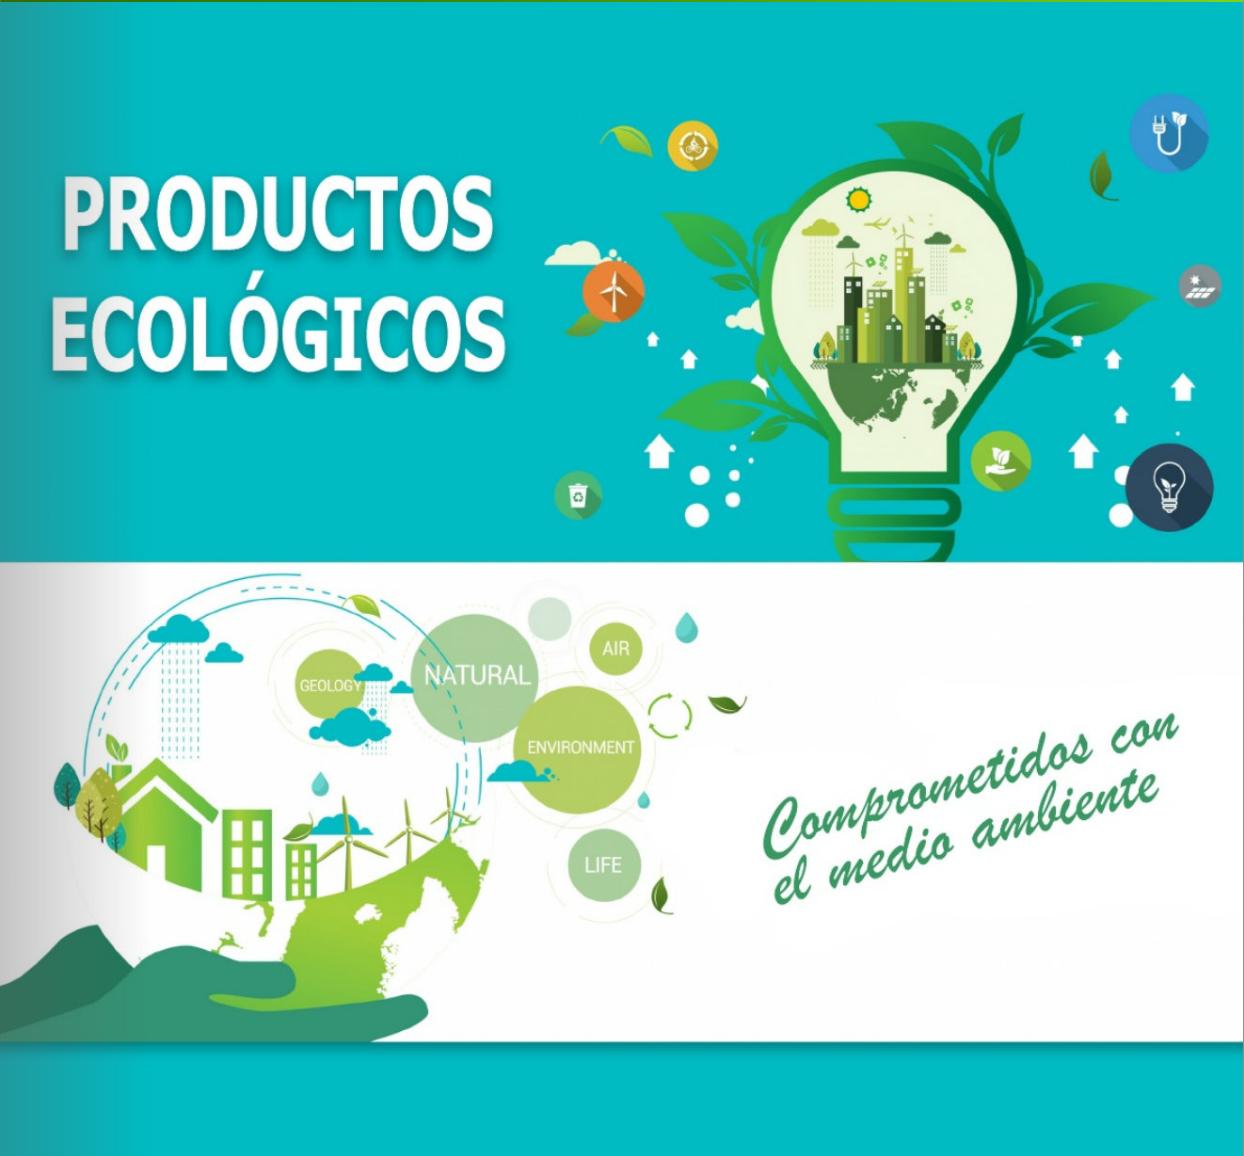 Catálogo Merchandising Ecológico Regalos de Empresa | Pulbiguindas.es